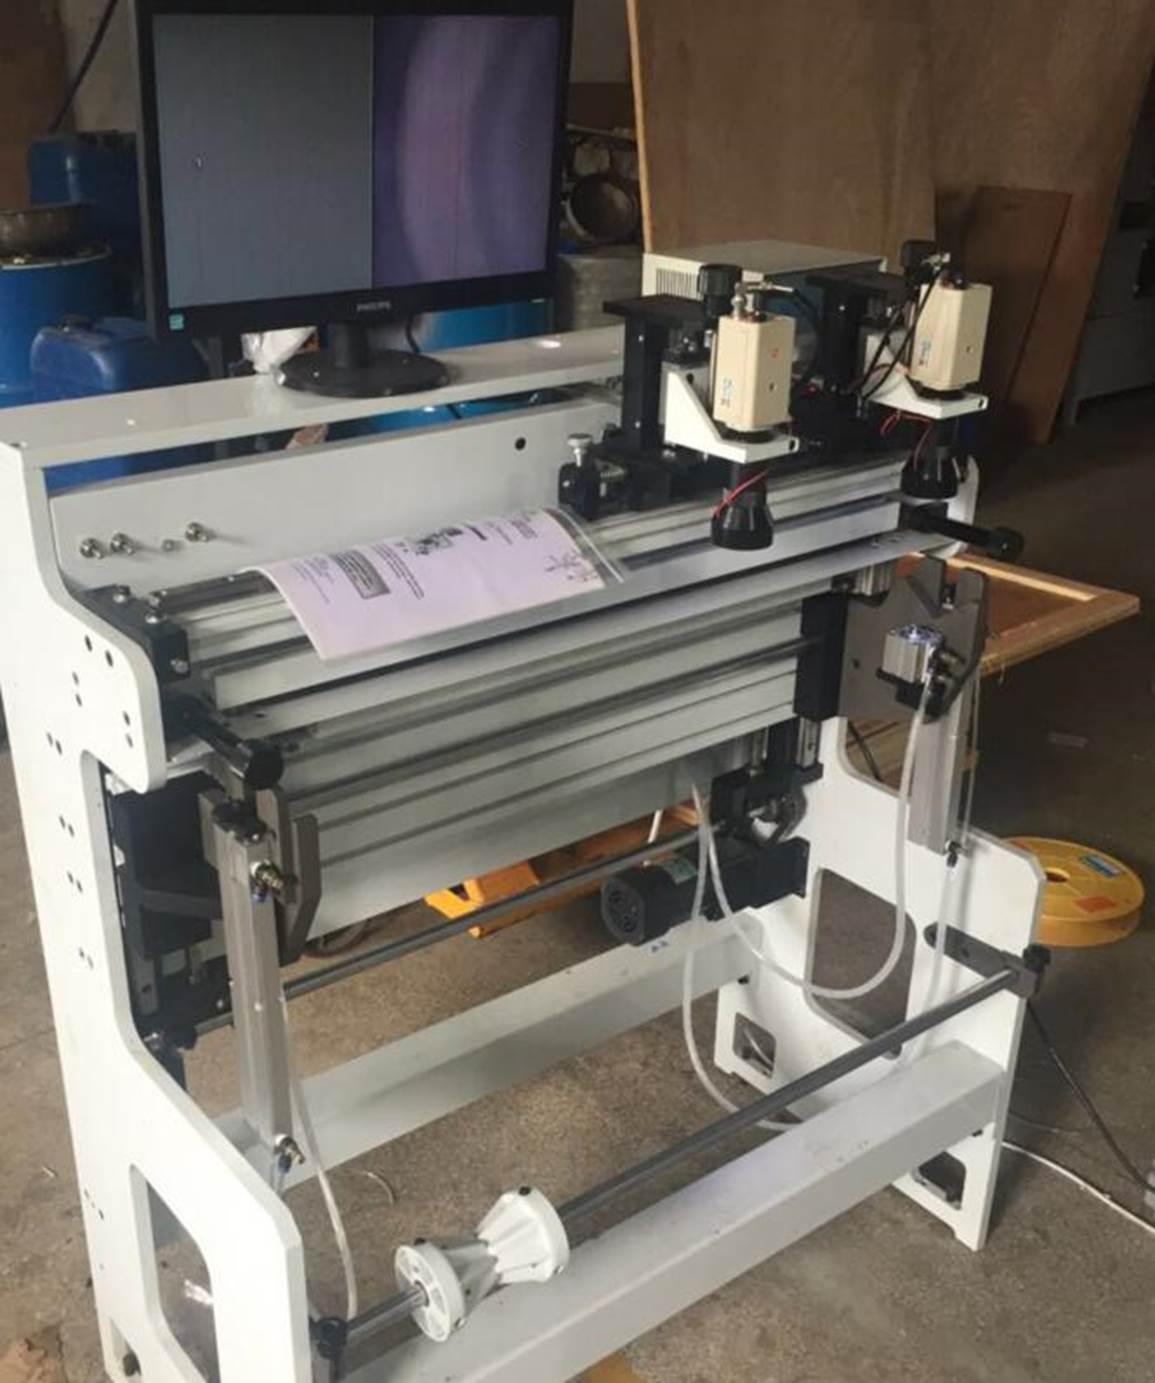 Подробные фотографии системы наклейки флексографских форм SM-450  для наклейки форм на формные цилиндры итальянской печатной машины. Фото 5.